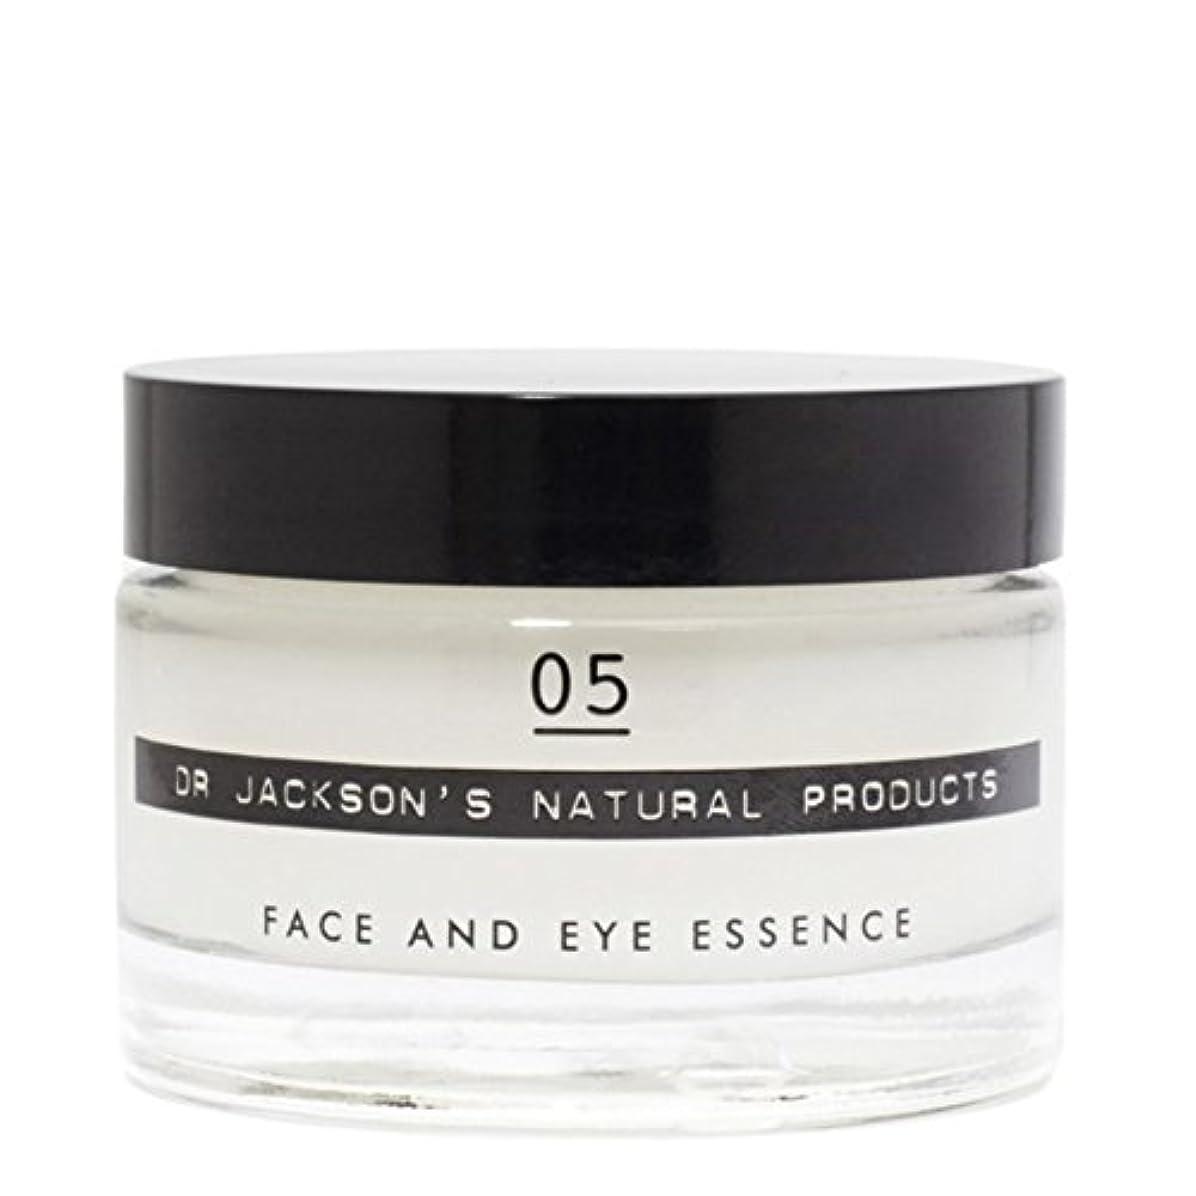 離れた重大許容できるDr Jackson's 05 Face and Eye Essence 50ml (Pack of 6) - ジャクソンの05顔や目の本質50ミリリットル x6 [並行輸入品]